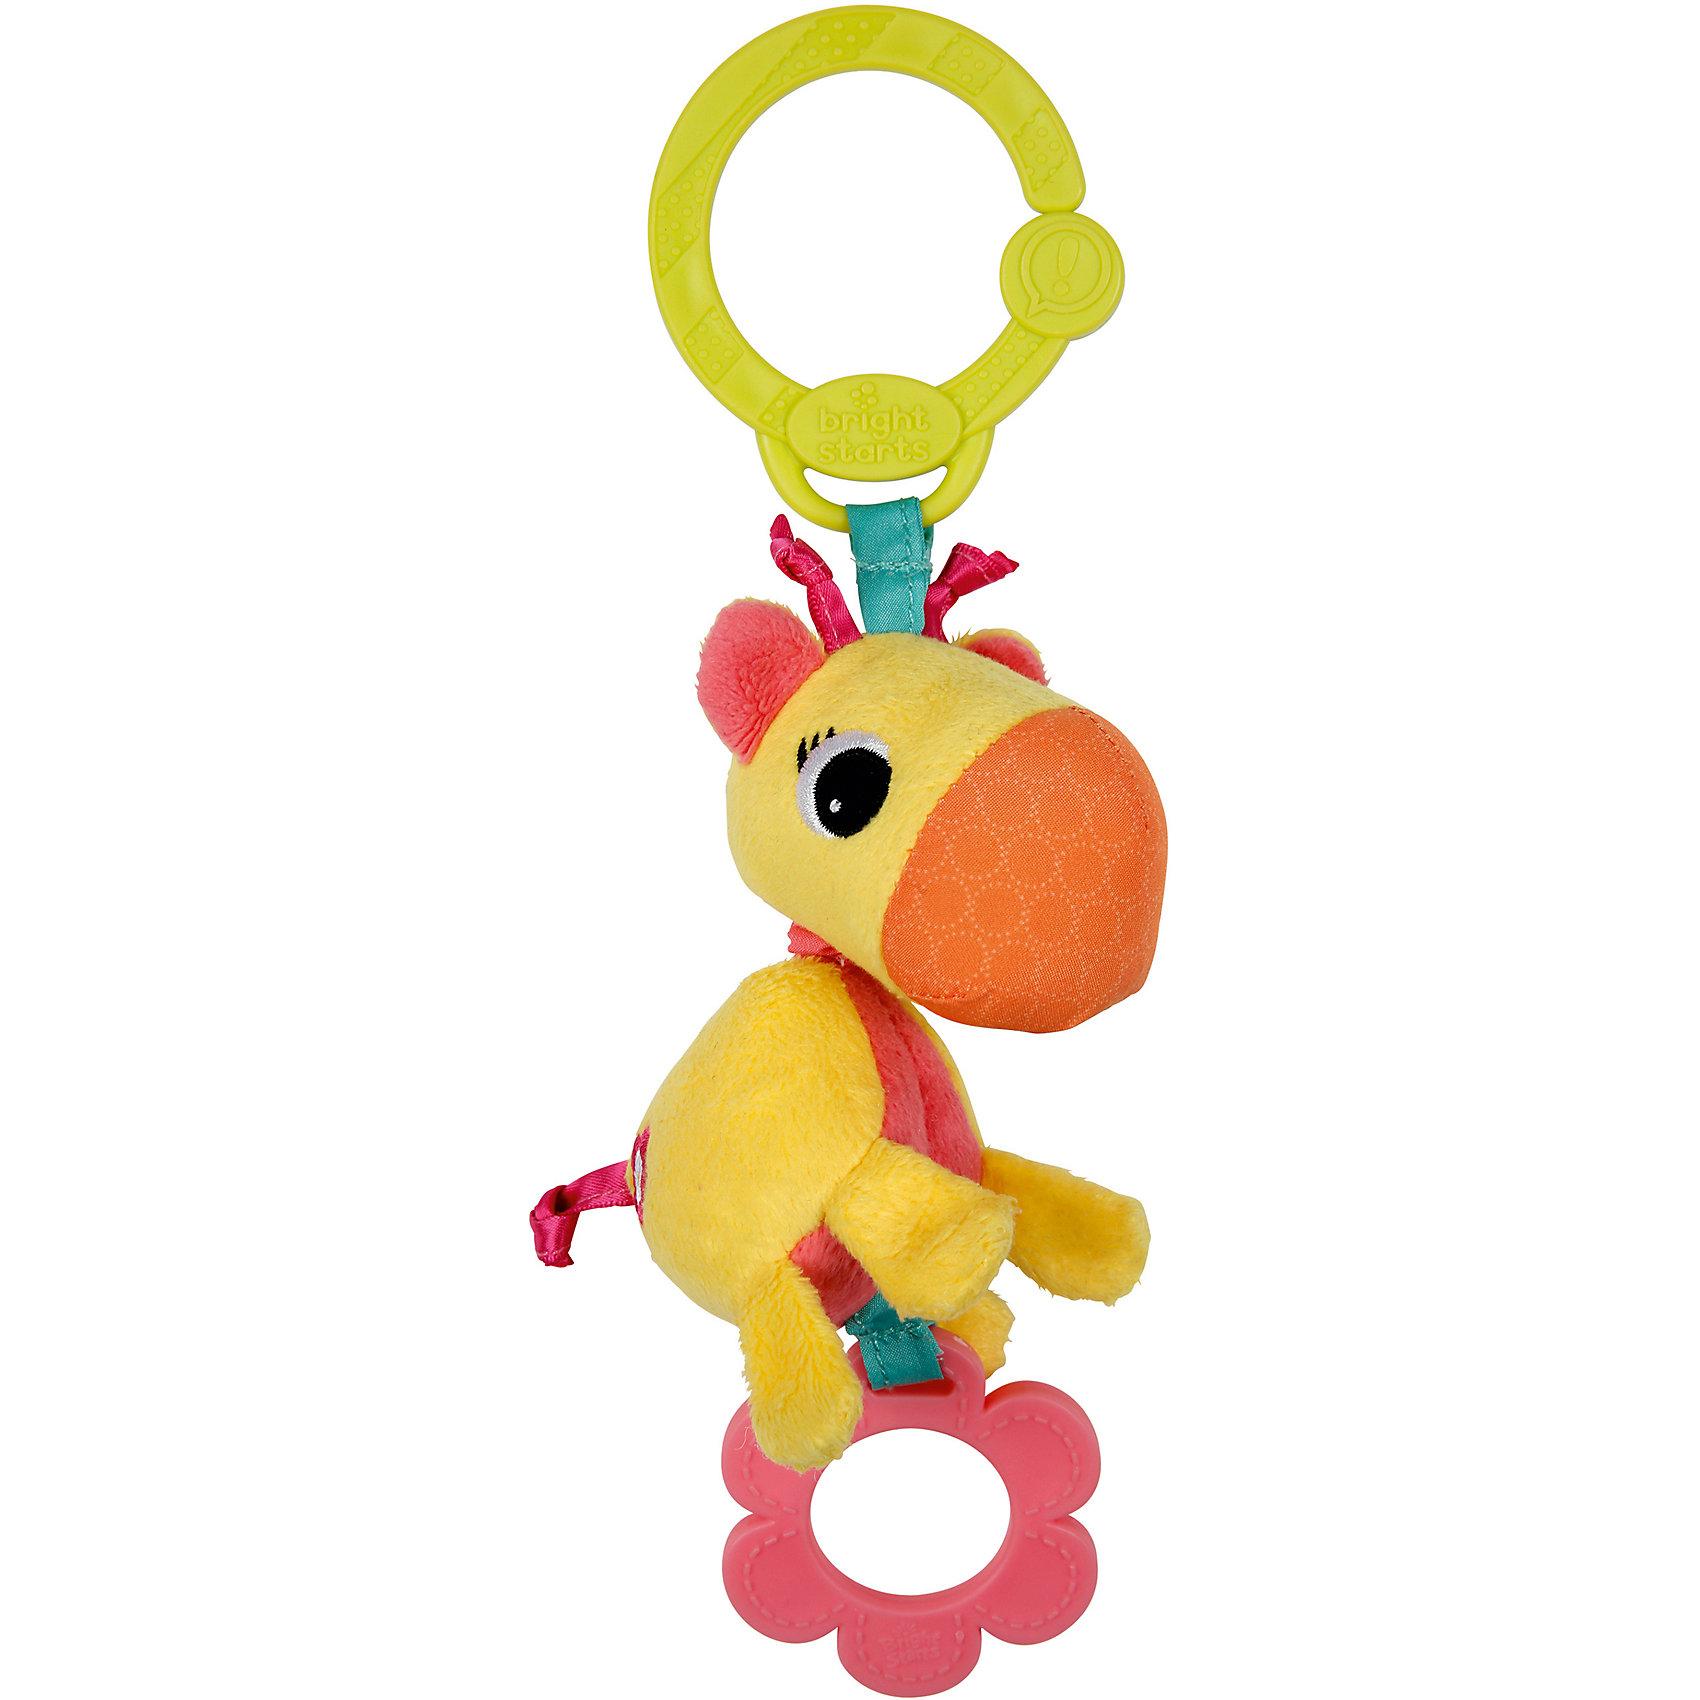 Развивающая игрушка Жираф, Bright StartsРазвивающие игрушки<br>Развивающая игрушка Жираф Bright Starts (Брайт Старс) представляет собой яркого и симпатичного жирафика, который легко прикрепляется к автокреслу, коляске или кроватке. У игрушки есть приятная особенность, которая непременно приведет в восторг Вашего малыша: стоит потянуть за игрушку, и она начнет вибрировать. Жирафик выполнен в ярких тонах, у него симпатичная мордочка, снизу есть резиновое колечко, которое можно погрызть, сверху - удобное крепление в виде пластикового кольца. Игрушка развивает мелкую моторику и цветовосприятие, поэтому идеальна для новорожденных!<br><br>Дополнительная информация:<br><br>- Идеально подходит для новорожденных;<br>- Удобное универсальное крепление;<br>- Вибрирующий эффект, который так нравится малышам;<br>- Прорезыватель;<br>- Яркие цвета;<br>- Безопасные материалы;<br>- Материал: пластик, текстиль;<br>- Размер игрушки: 8 х 5 х 26 см;<br>- Размер упаковки: 9 х 5 х 30 см;<br>- Вес упаковки: 150 г<br><br>Развивающую игрушку  Жираф, Bright Starts (Брайт Старс)  можно купить в нашем интернет-магазине.<br><br>Ширина мм: 410<br>Глубина мм: 190<br>Высота мм: 250<br>Вес г: 200<br>Возраст от месяцев: 0<br>Возраст до месяцев: 24<br>Пол: Унисекс<br>Возраст: Детский<br>SKU: 3345331